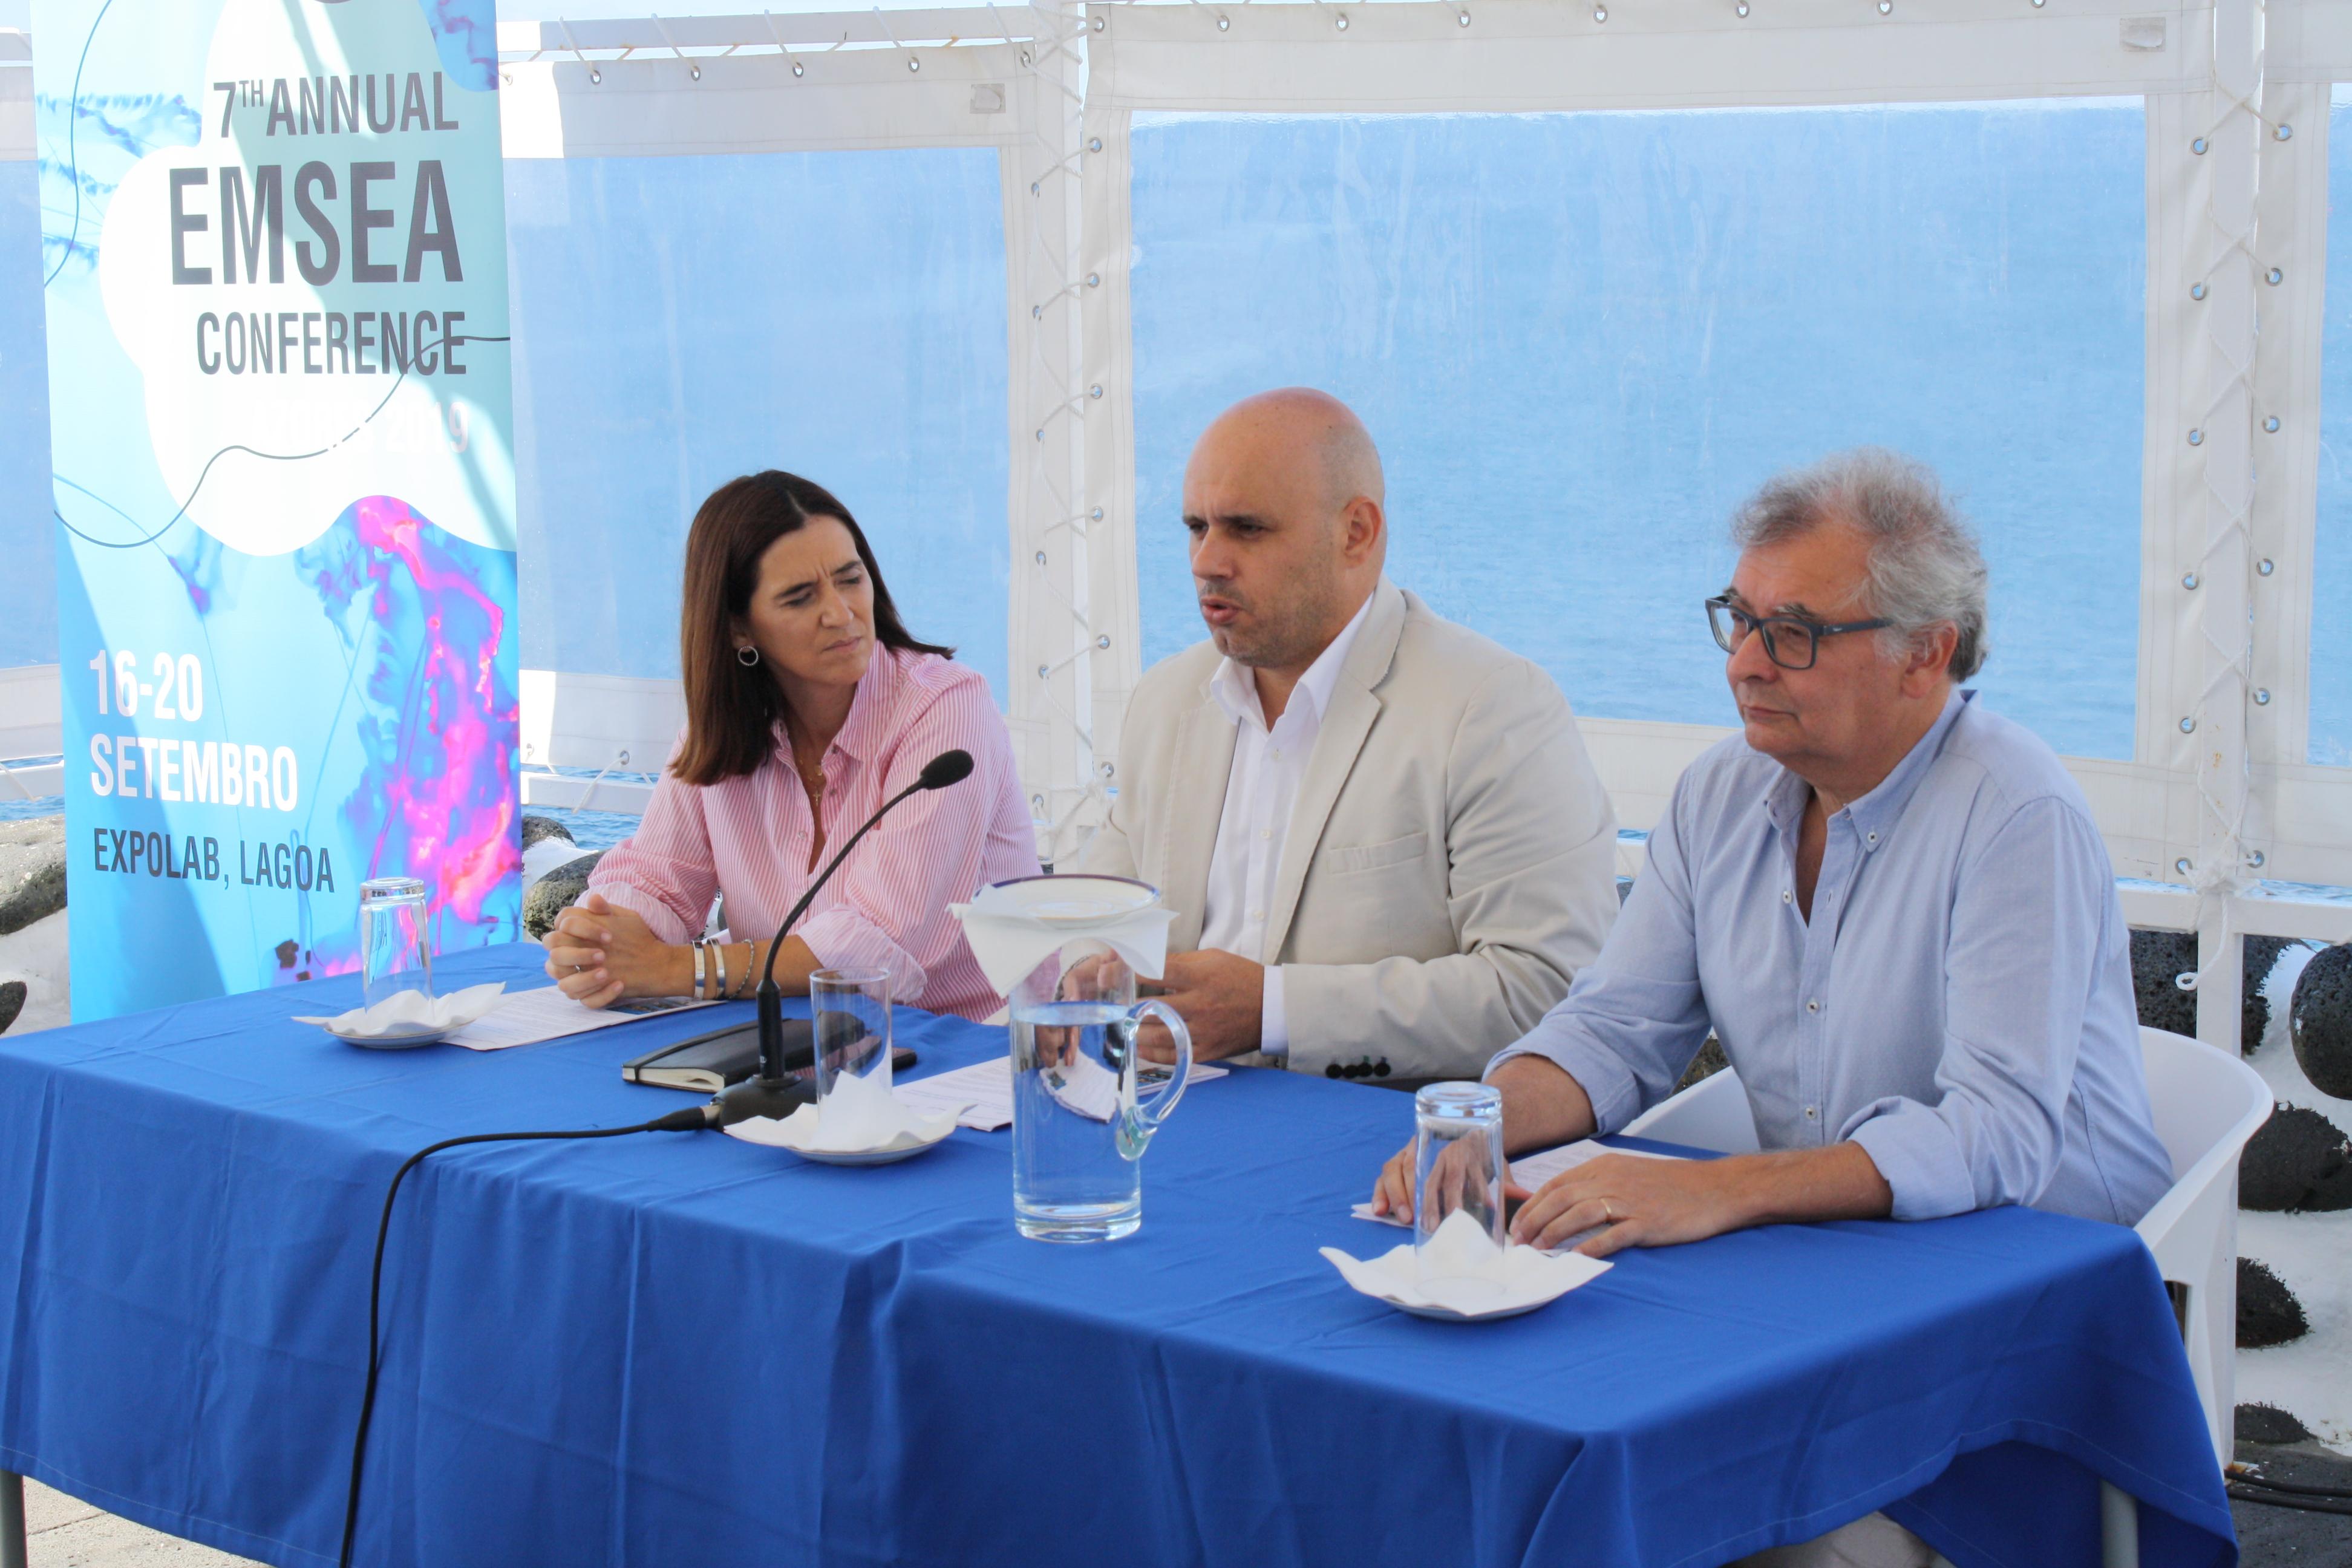 Conferência europeia sobre literacia dos oceanos decorre de 16 a 20 de setembro na Lagoa, em São Miguel